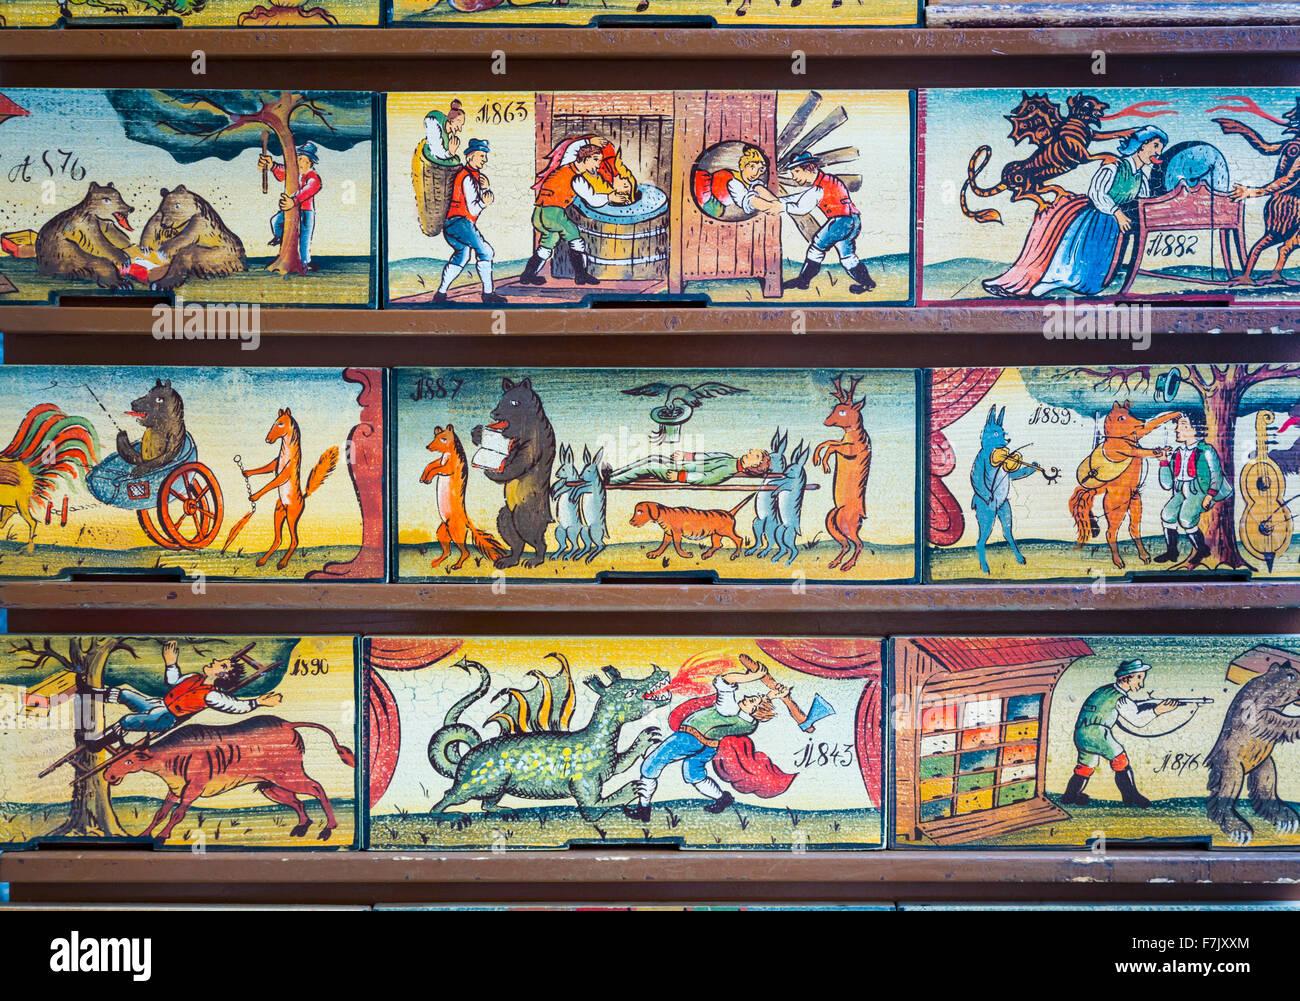 Los paneles de la colmena, Eslovenia. Copias de originales son un elemento de recuerdo con los visitantes. Originalmente, Imagen De Stock